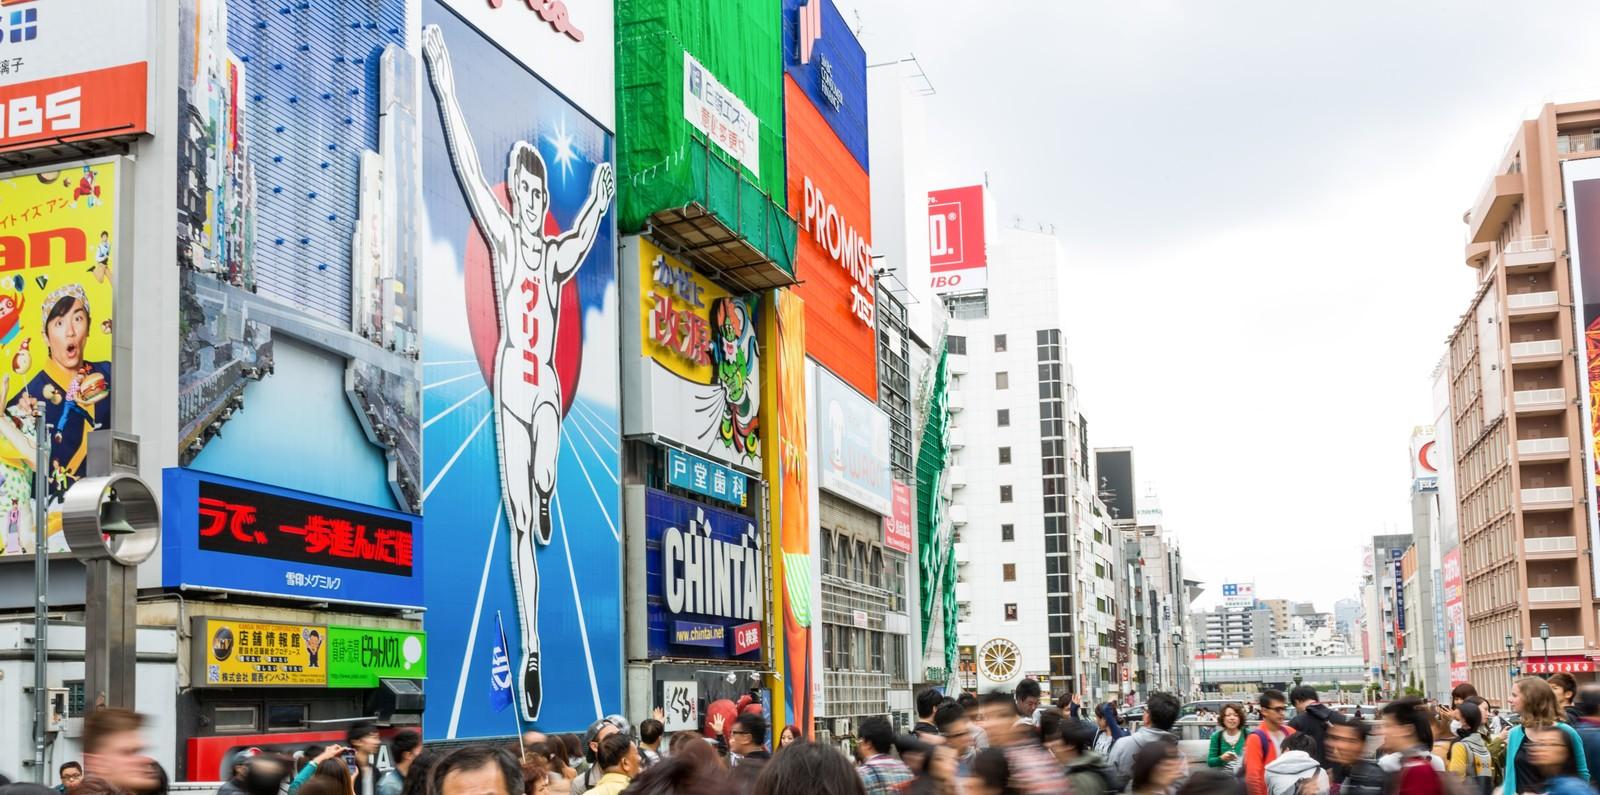 從零打造大阪商業奇蹟:豐臣秀吉獨步日本的都市規劃